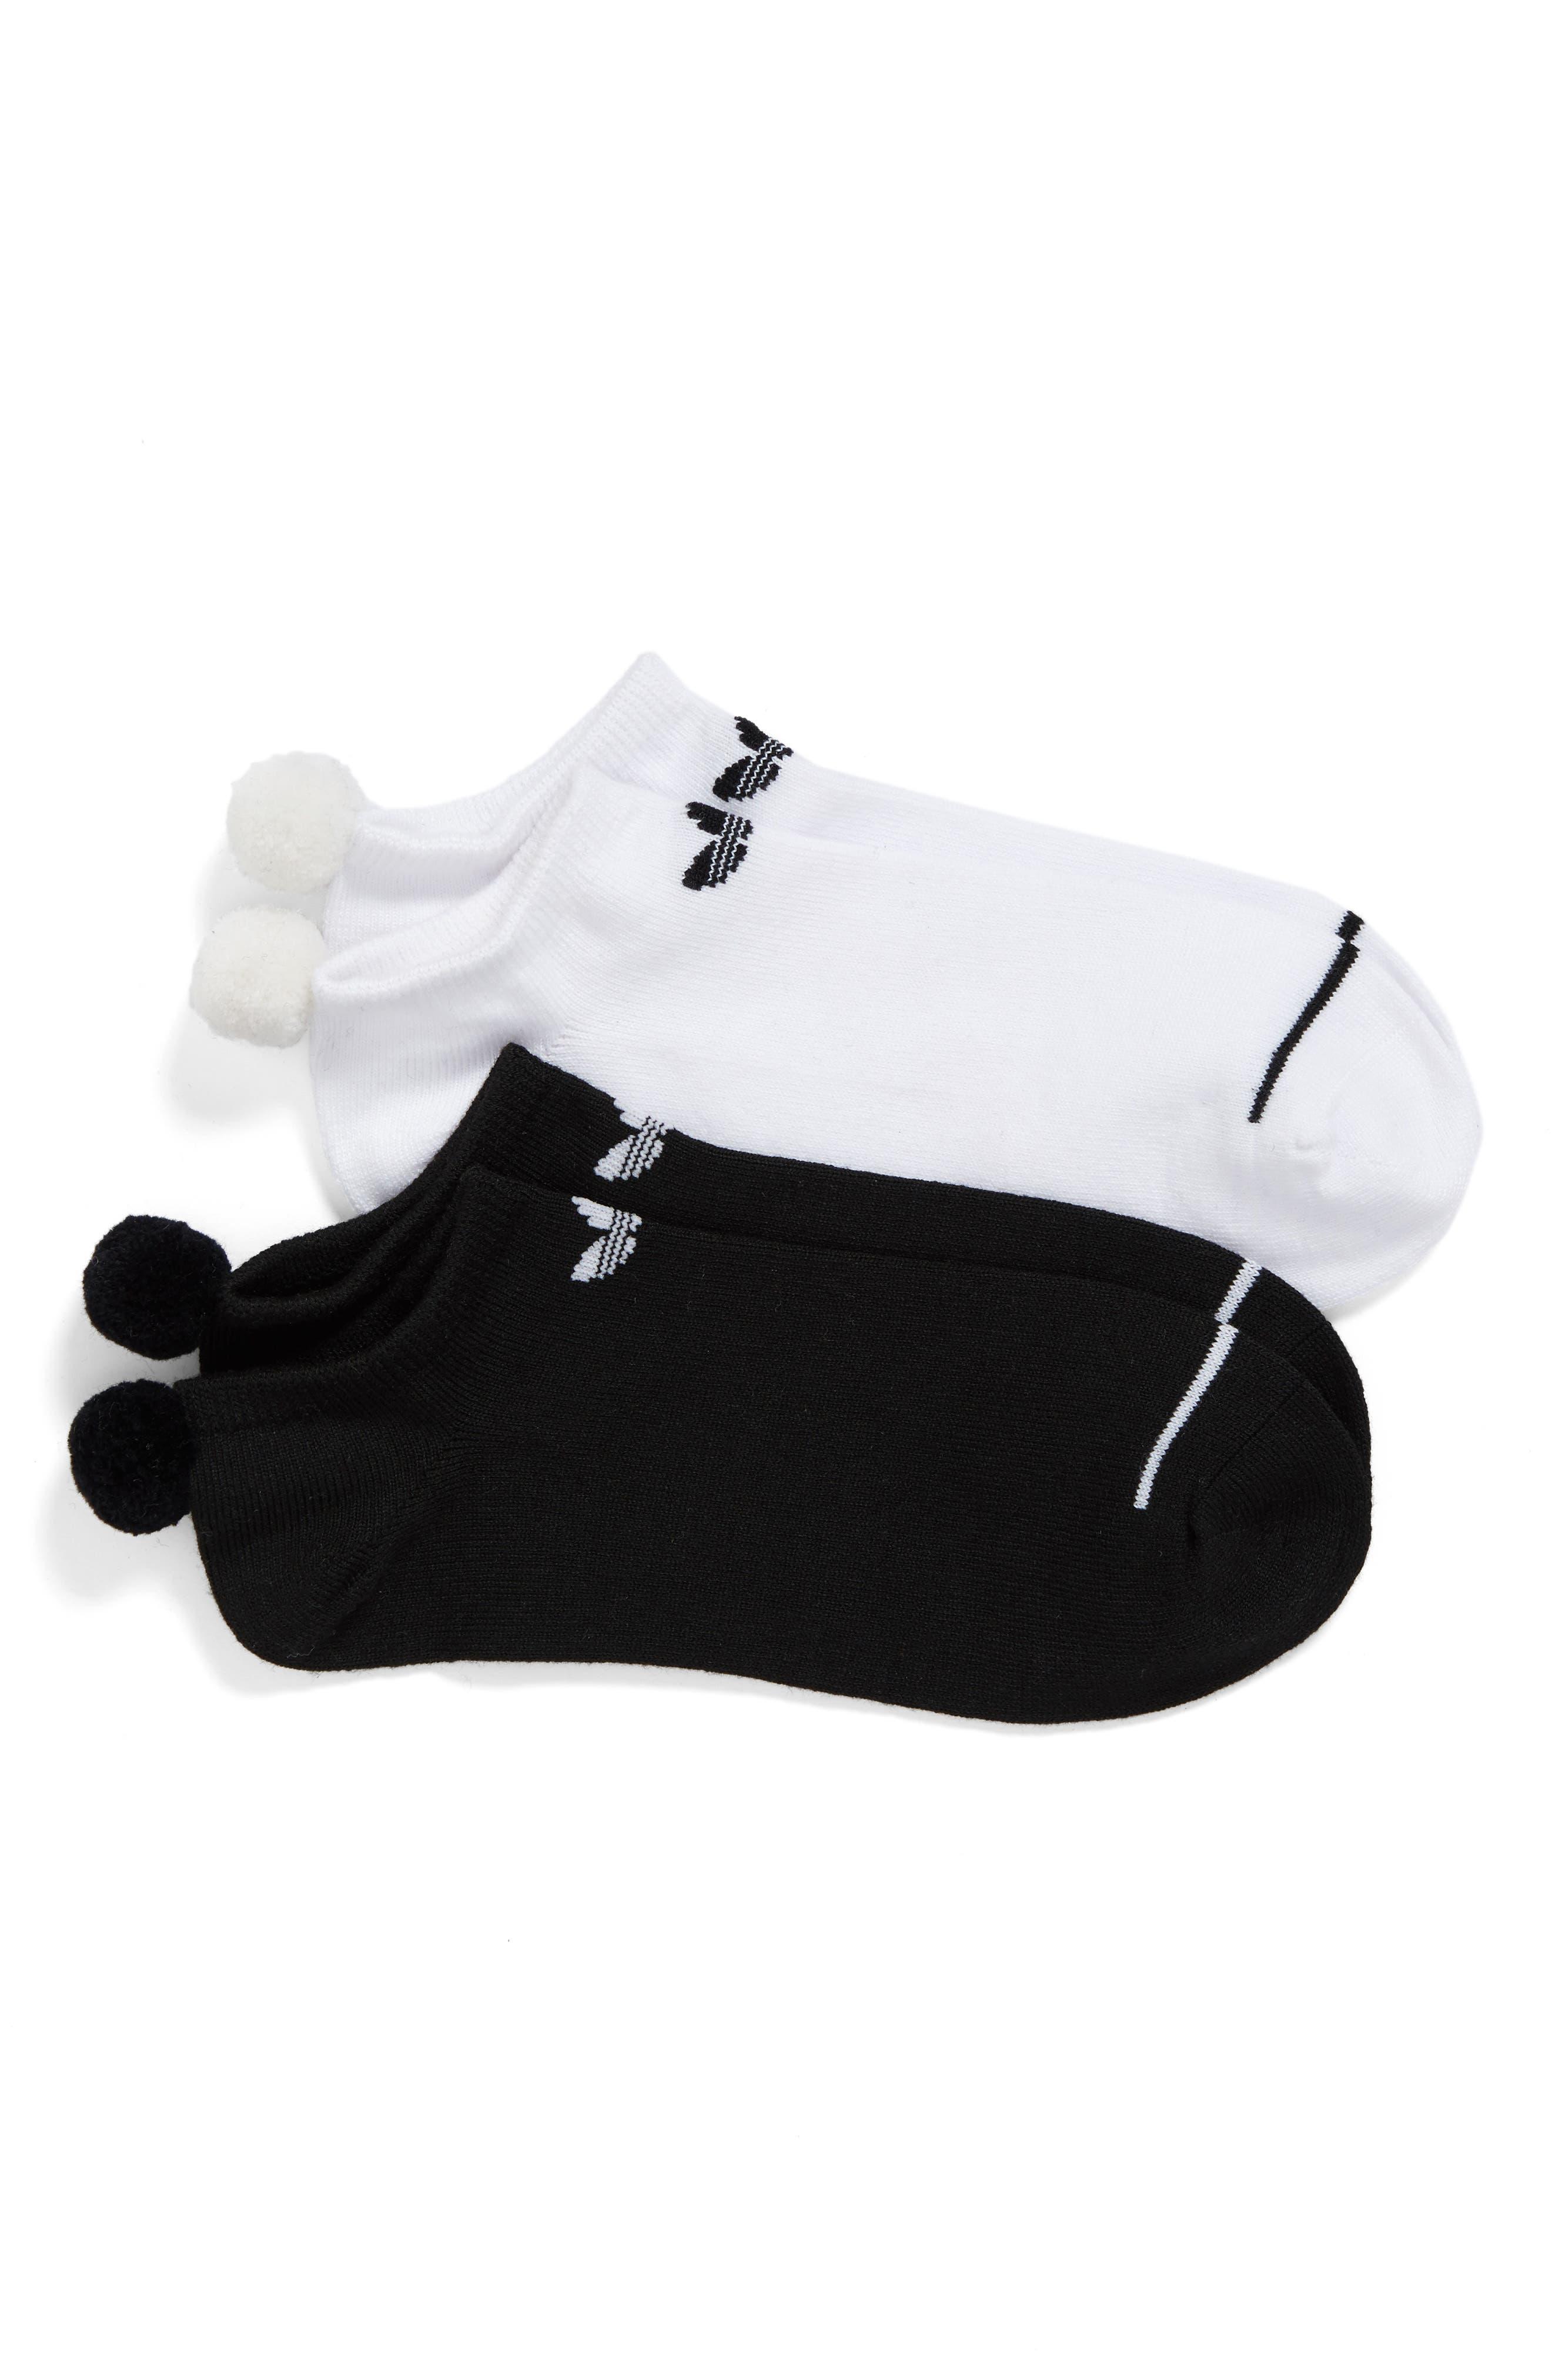 Alternate Image 1 Selected - adidas Original 2-Pack No-Show Pom Socks